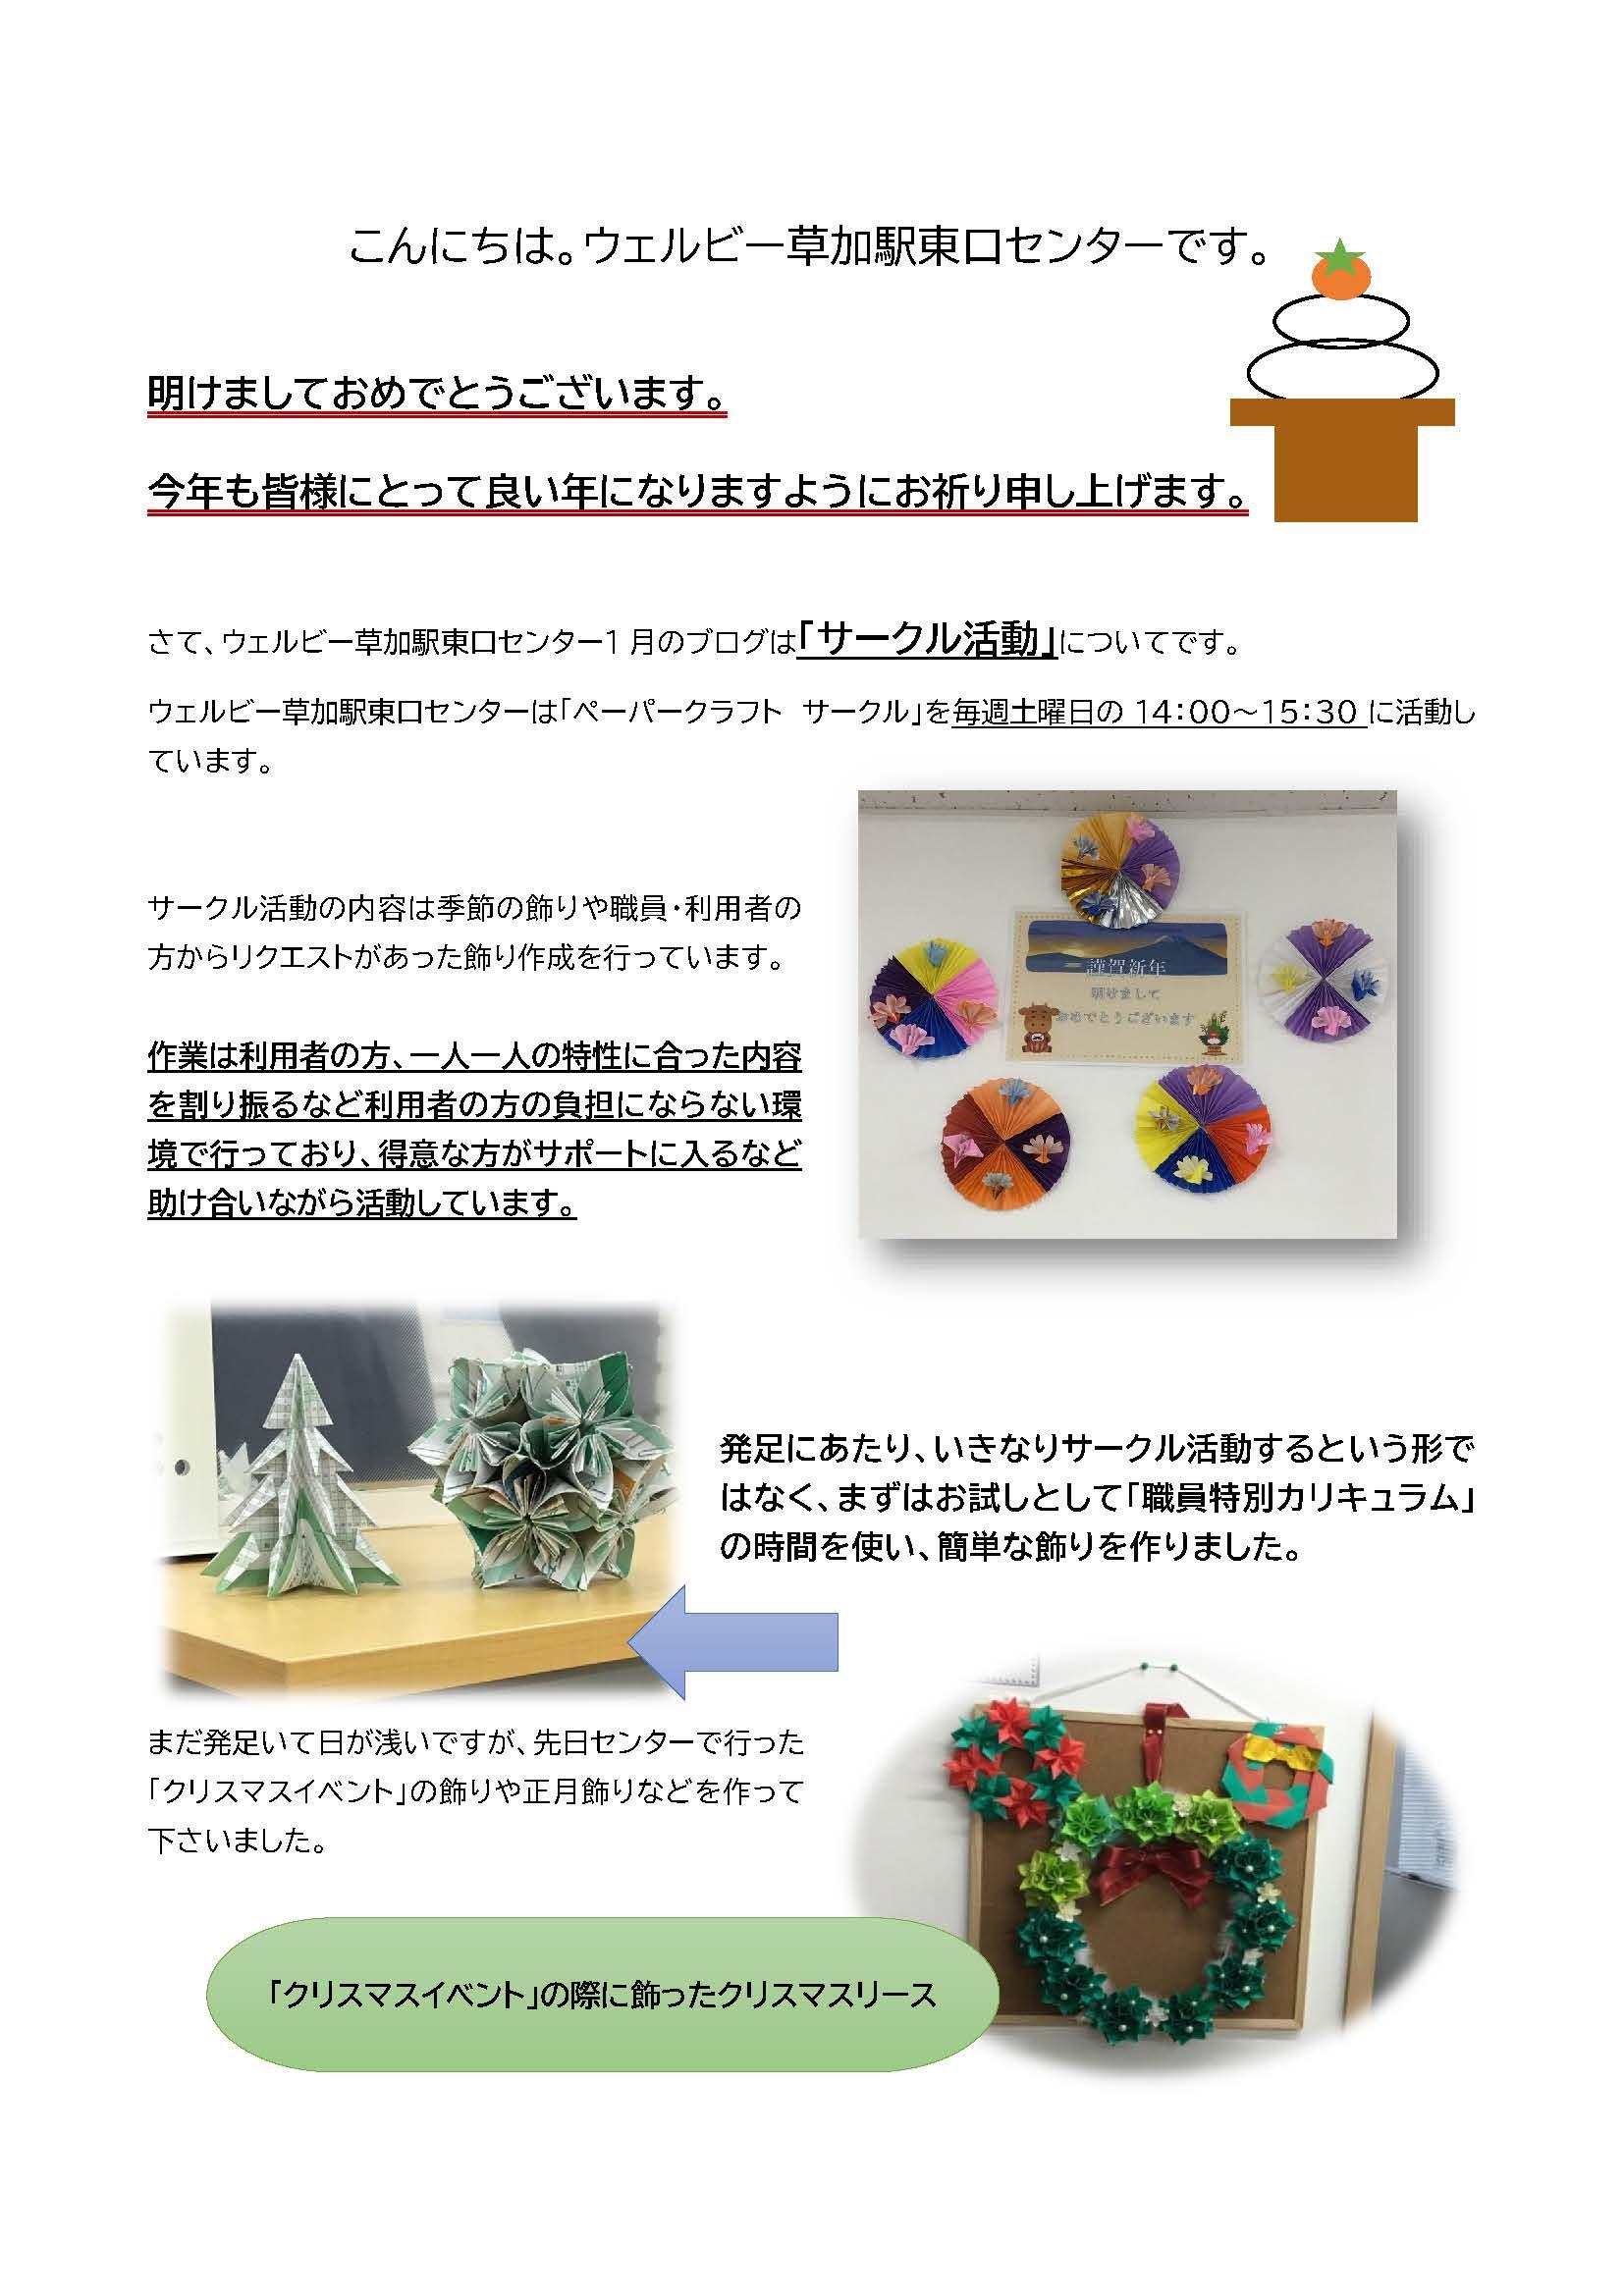 ウェルビー草加駅東口センター2021.1.18_ページ_1